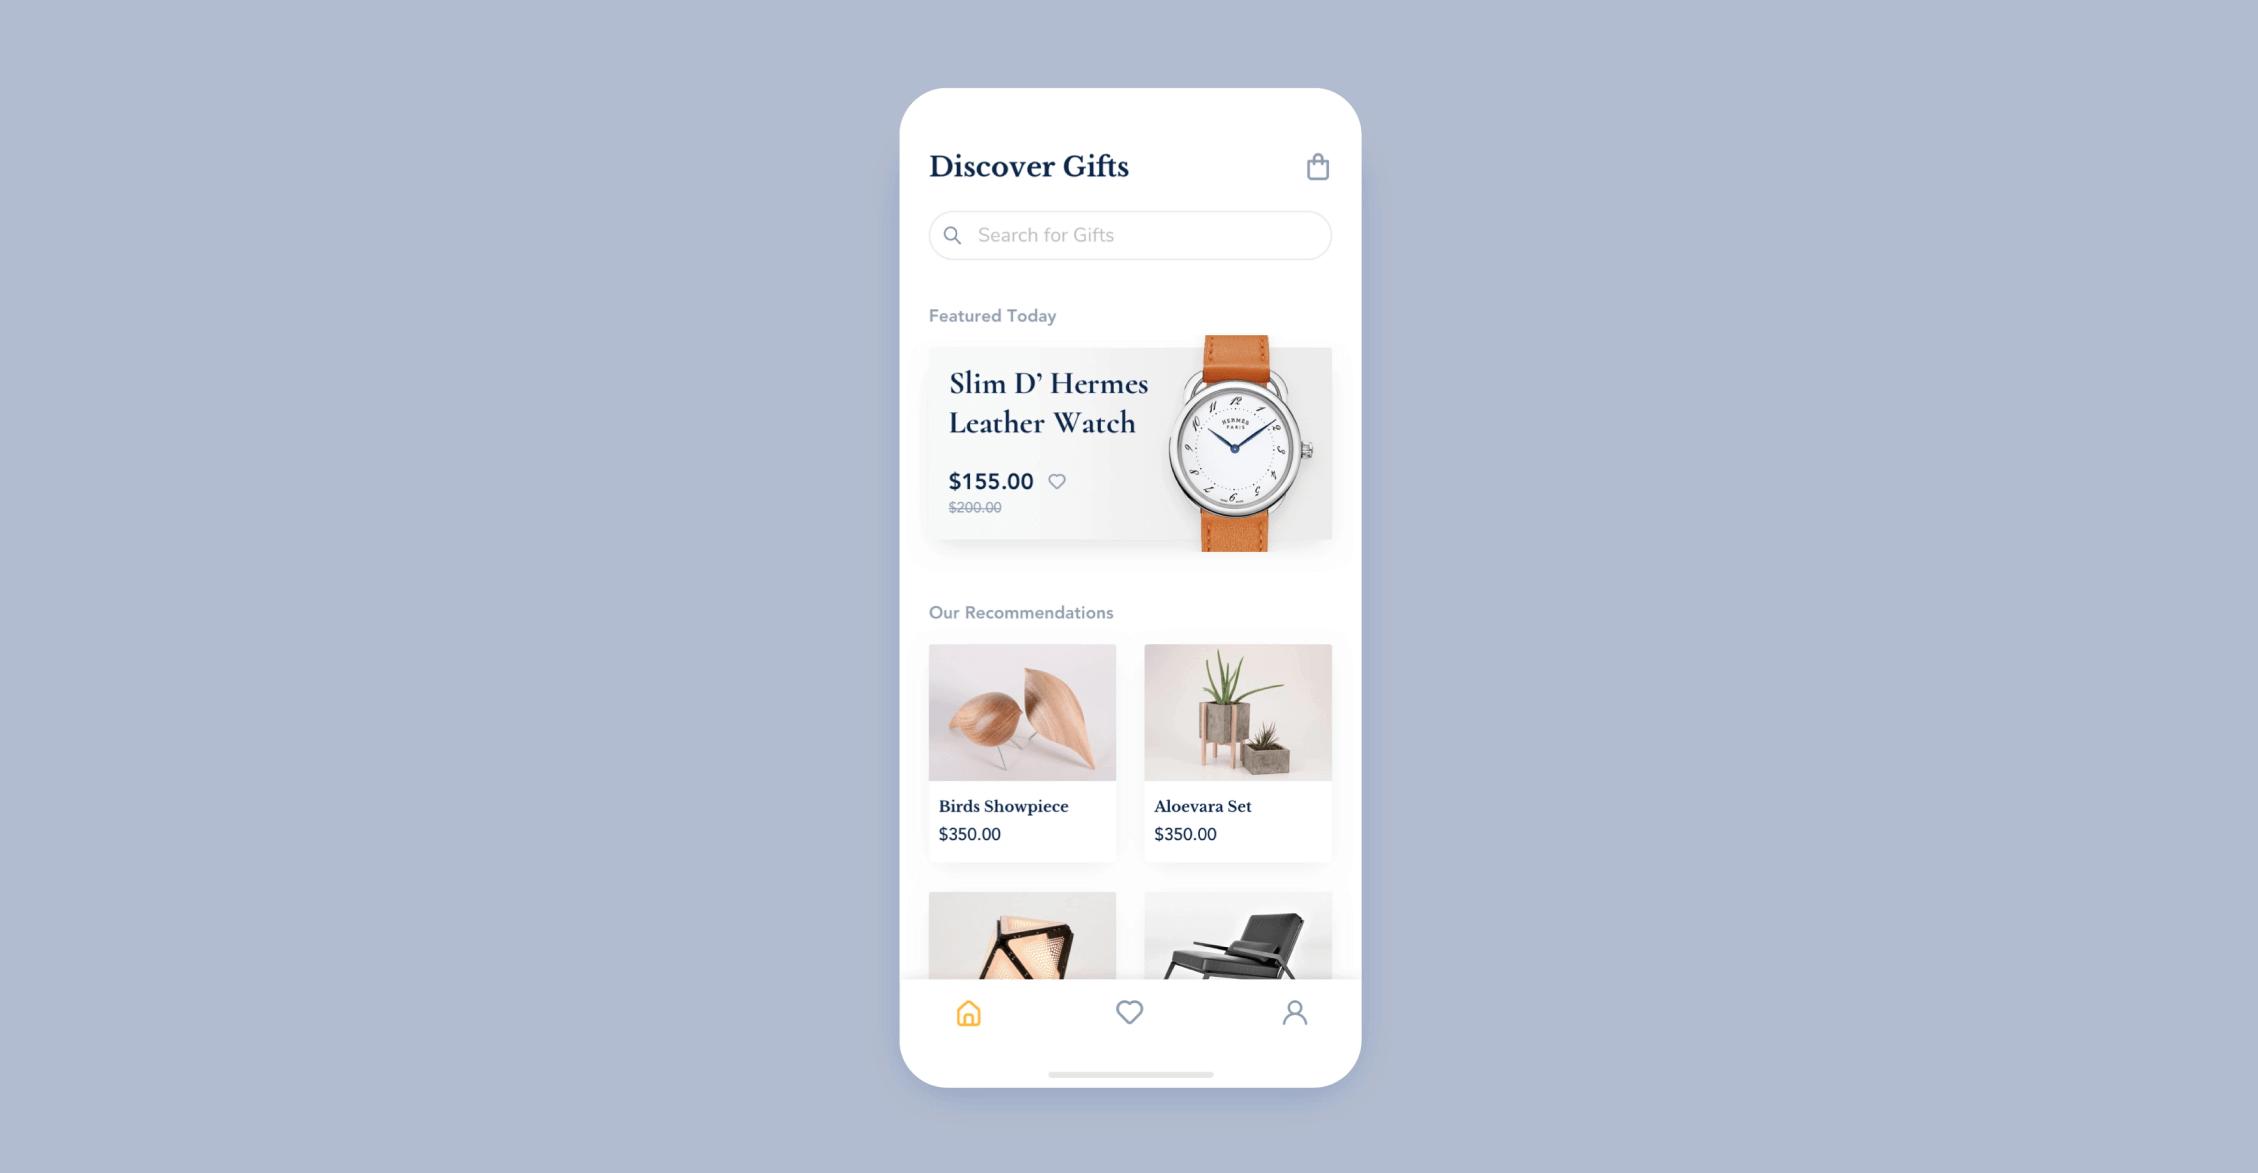 UI design for gift app